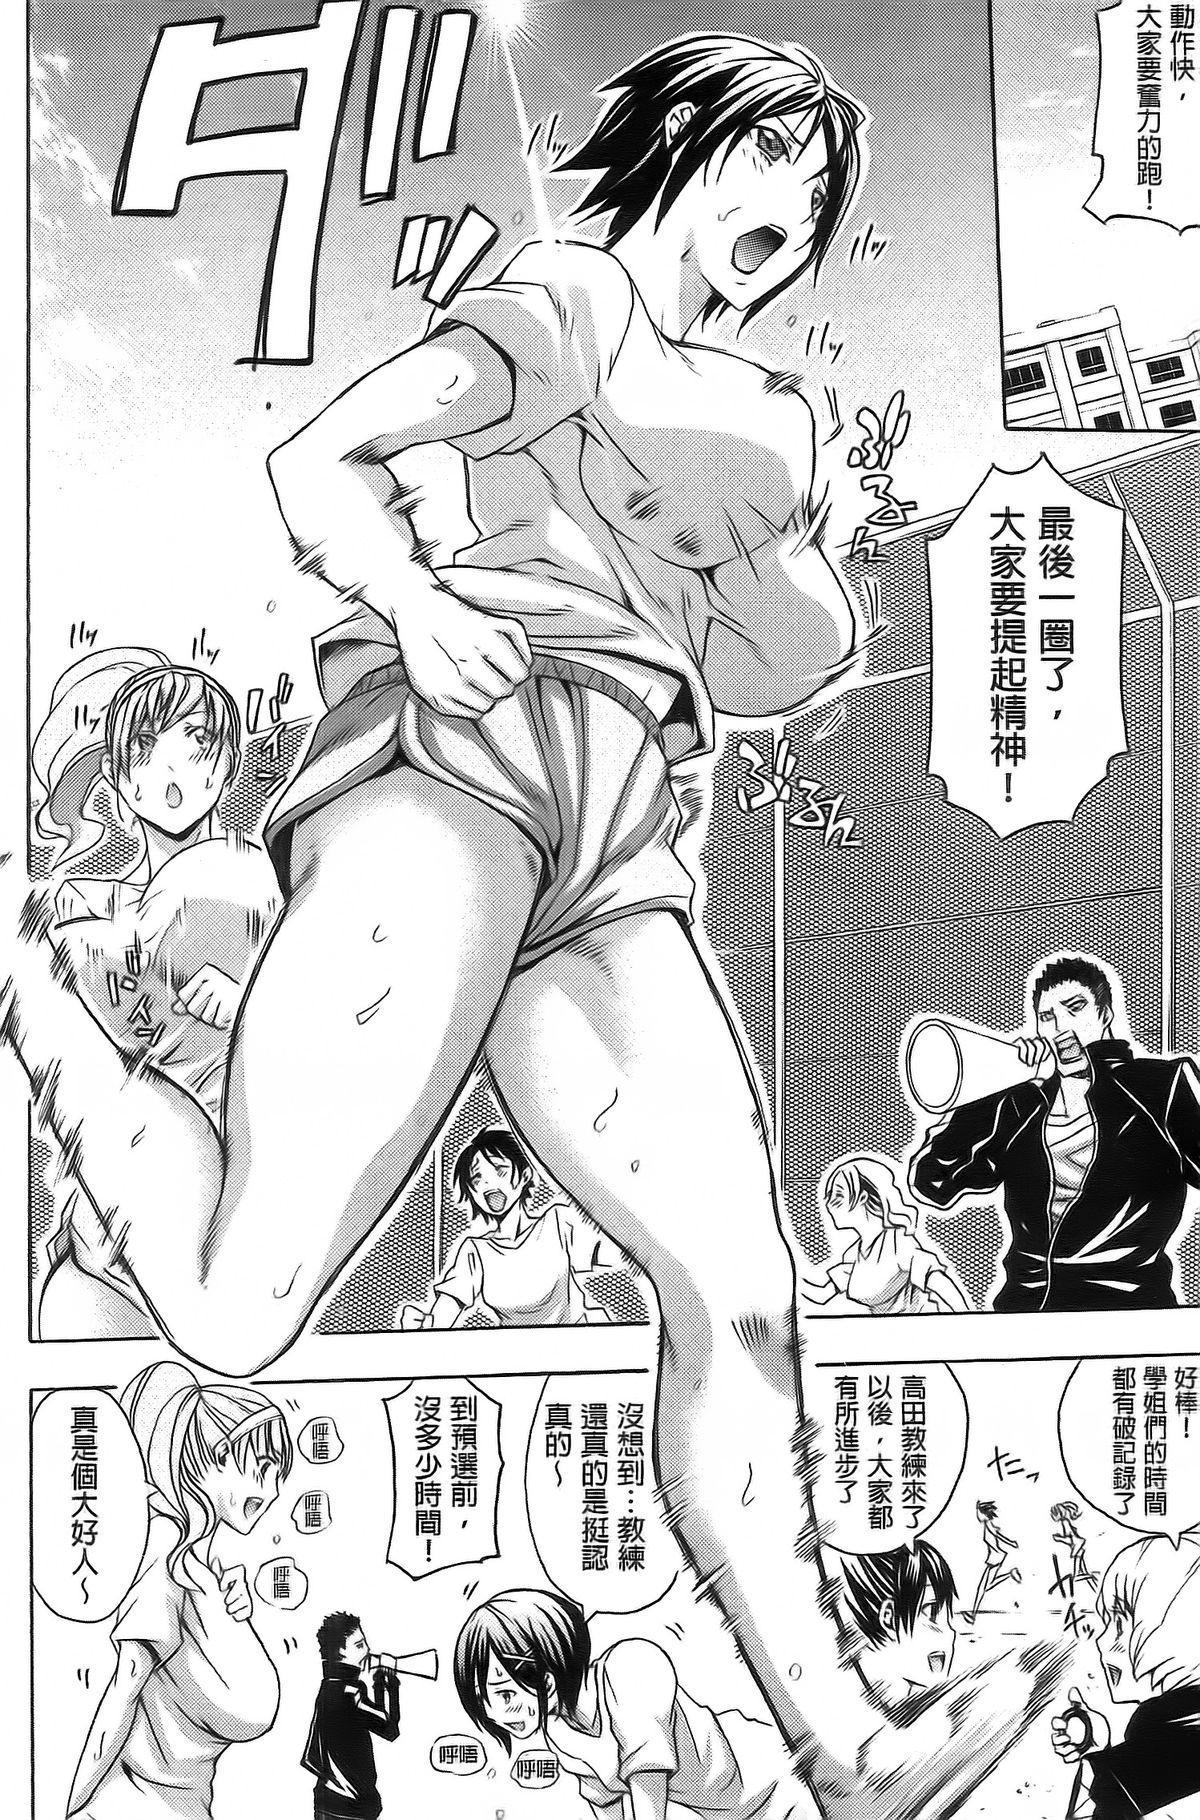 Bukatsu shoujo to amai ase 101